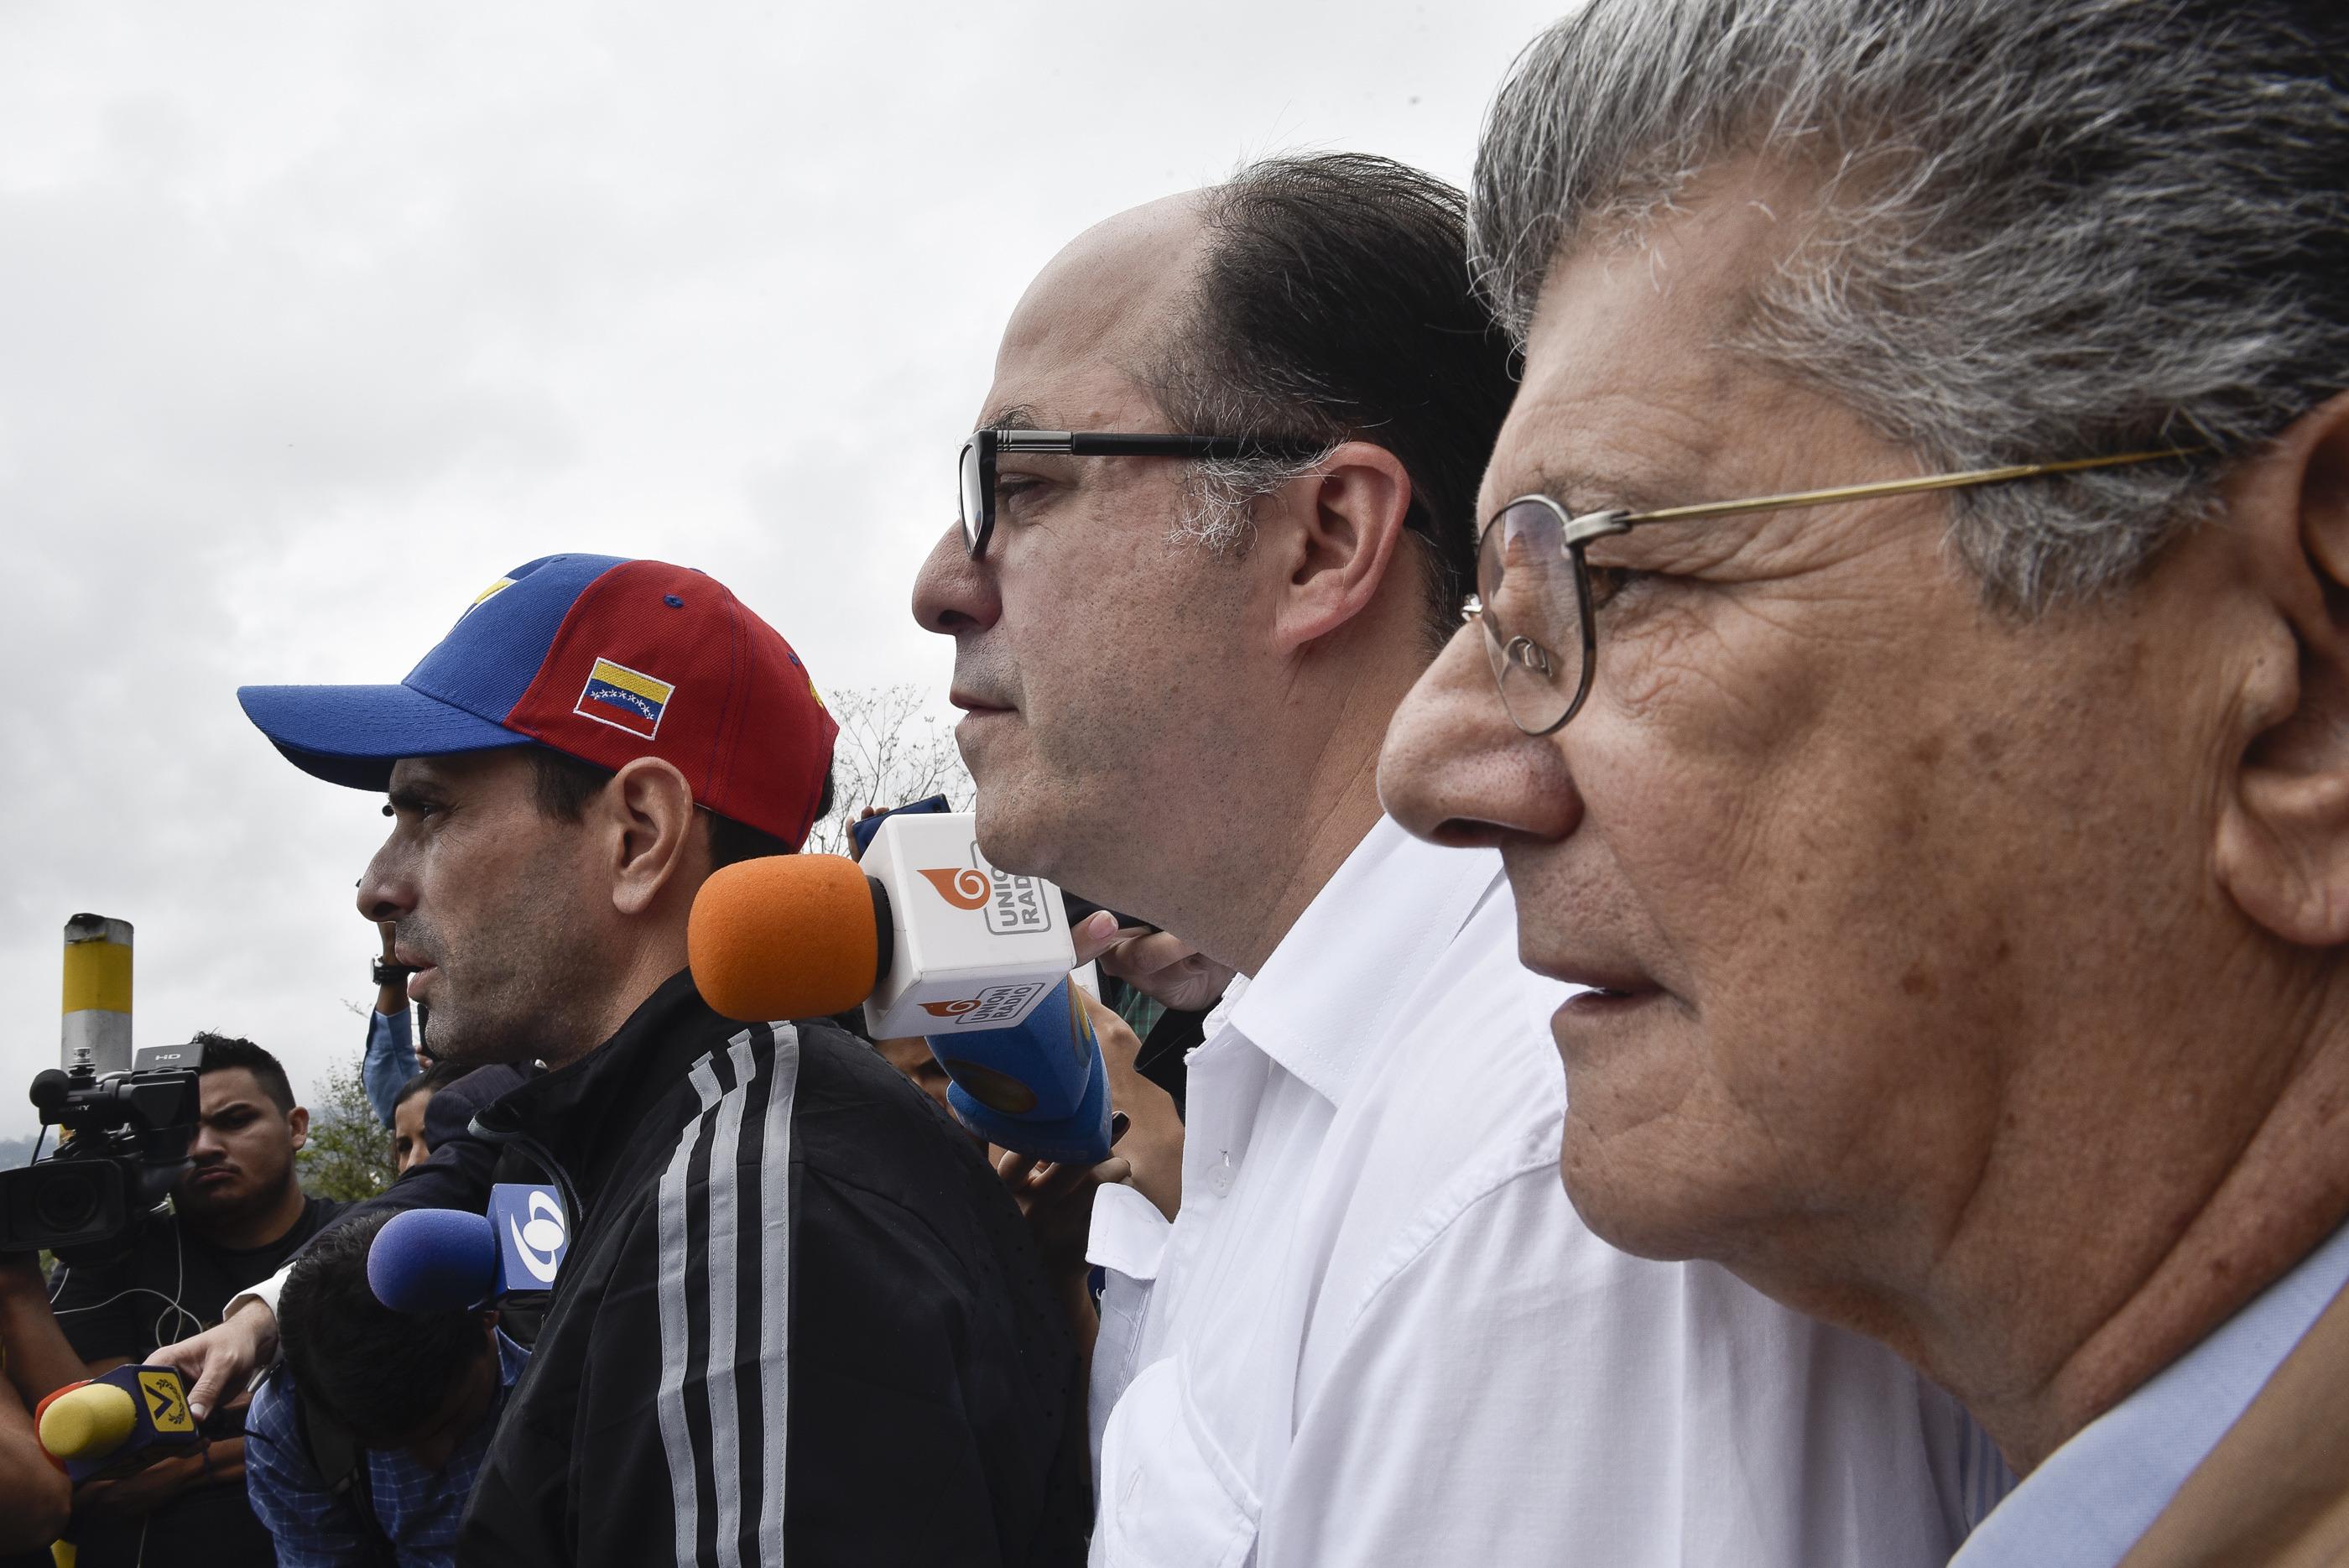 (160429) -- CARACAS, abril 29, 2016 (Xinhua) -- El presidente de la Asamblea Nacional (AN) de Venezuela, Henry Ramos Allup (d), el gobernador del Estado Miranda, Henrique Capriles (i) y el diputado Julio Borges (c), reaccionan en el exterior de la cárcel militar de Ramo Verde, ubicada en la ciudad de Los Teques, en el estado Miranda, Venezuela, el 29 de abril de 2016. De acuerdo con información de la prensa local, un grupo de diputados de la oposición de Venezuela acudieron el viernes a la cárcel militar de Ramo Verde para visitar al líder opositor venezolano Leopoldo López con motivo de su cumpleaños 45, así como para recolectar su firma para la activación del referendo revocatorio en contra del presidente venezolano, Nicolás Maduro. (Xinhua/Str) (jp) (rtg)